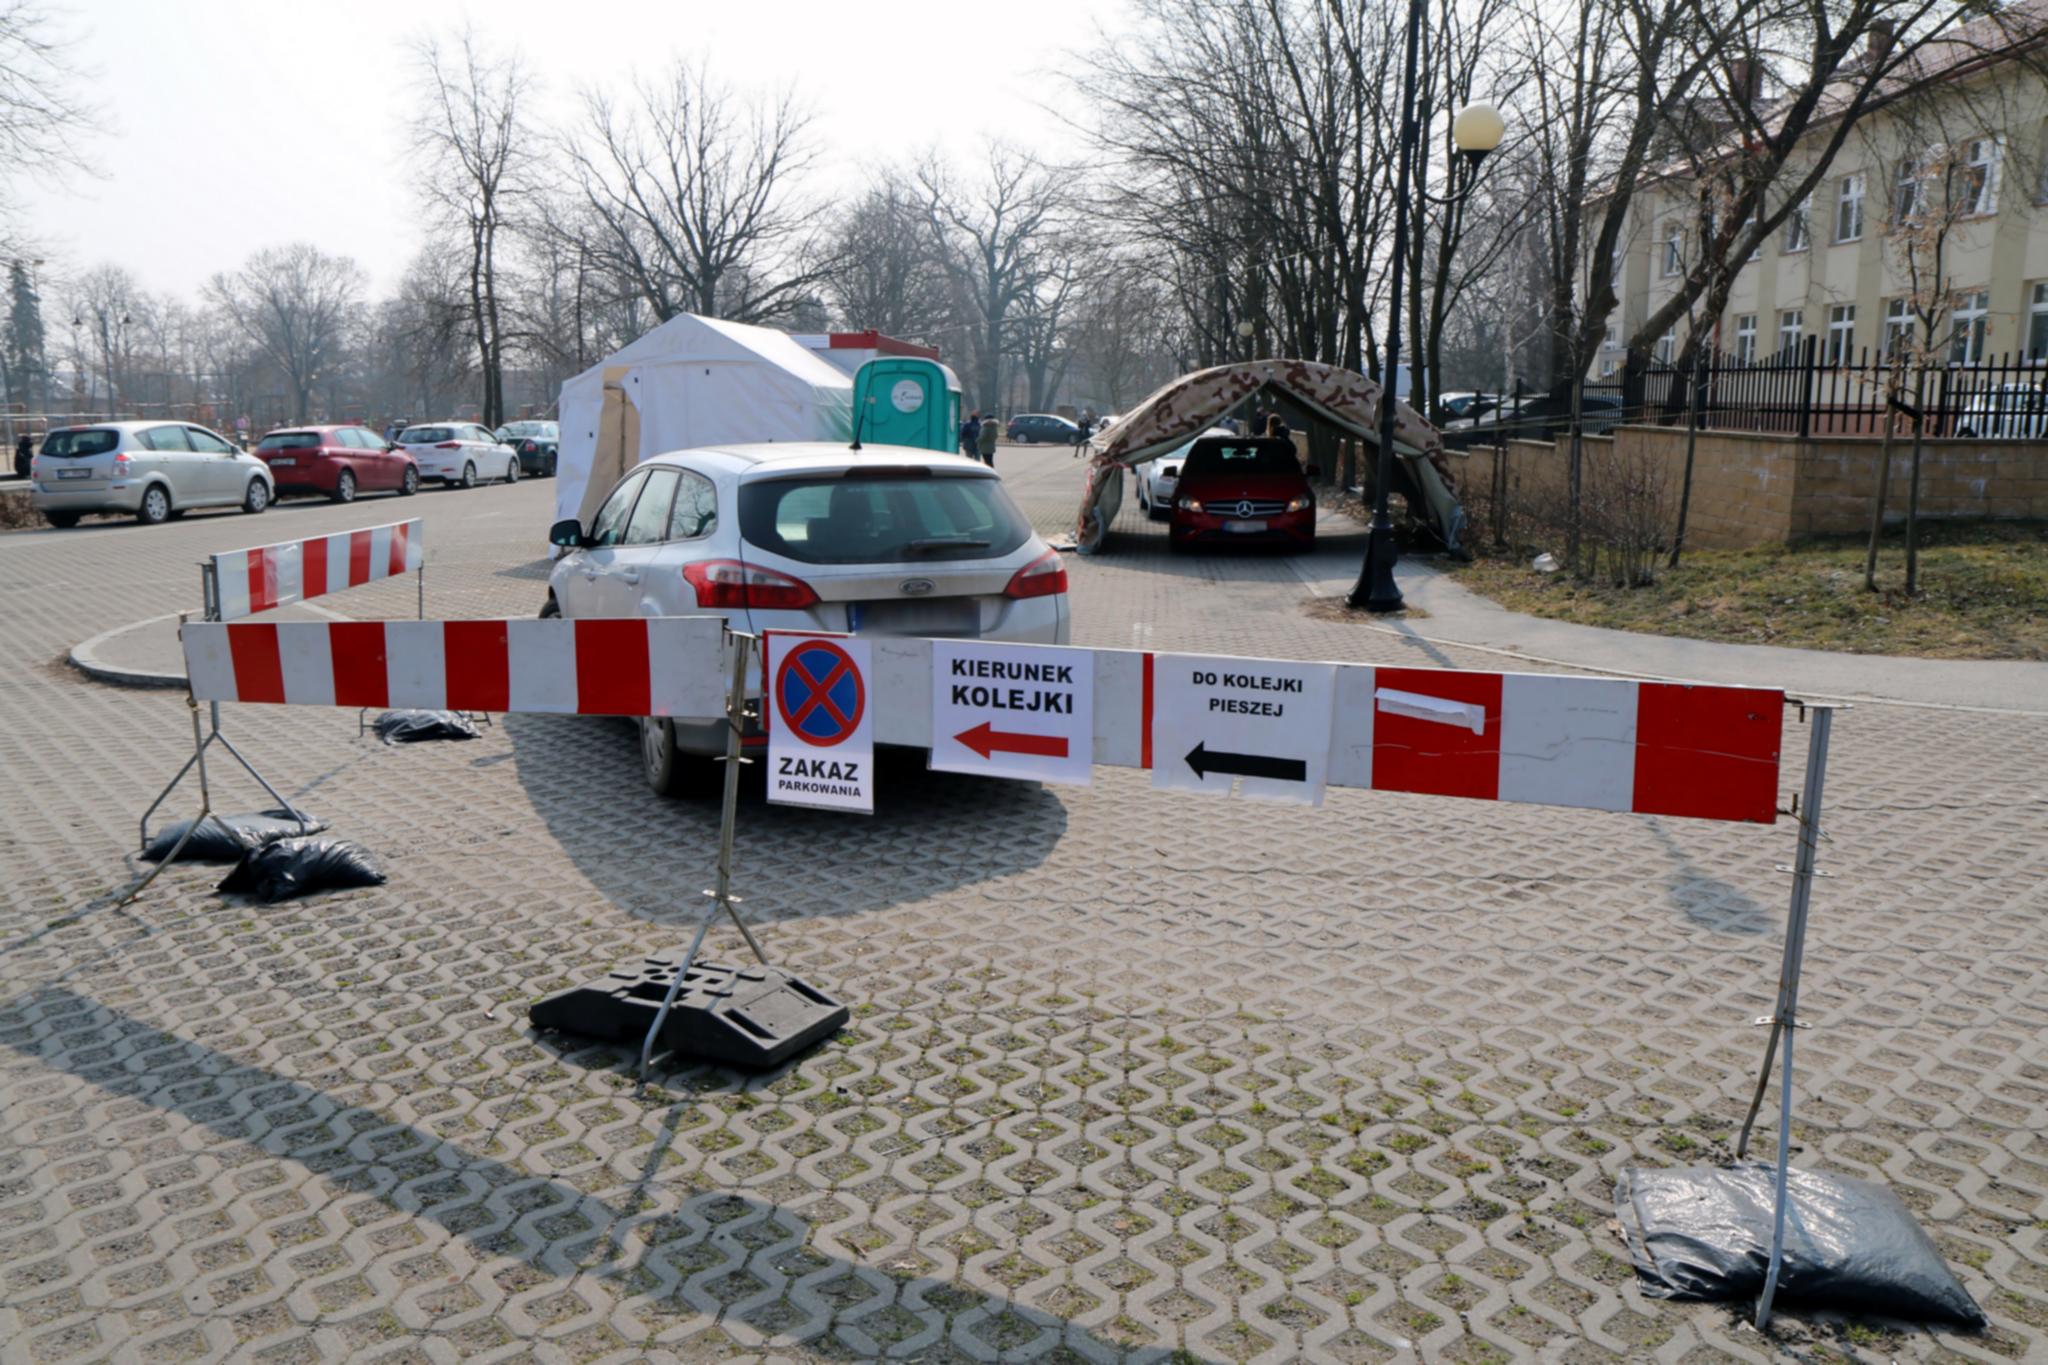 Czas pandemii w Piasecznie. Czas pandemii w Piasecznie. Akcja rozdawania maseczek dla mieszkańców.